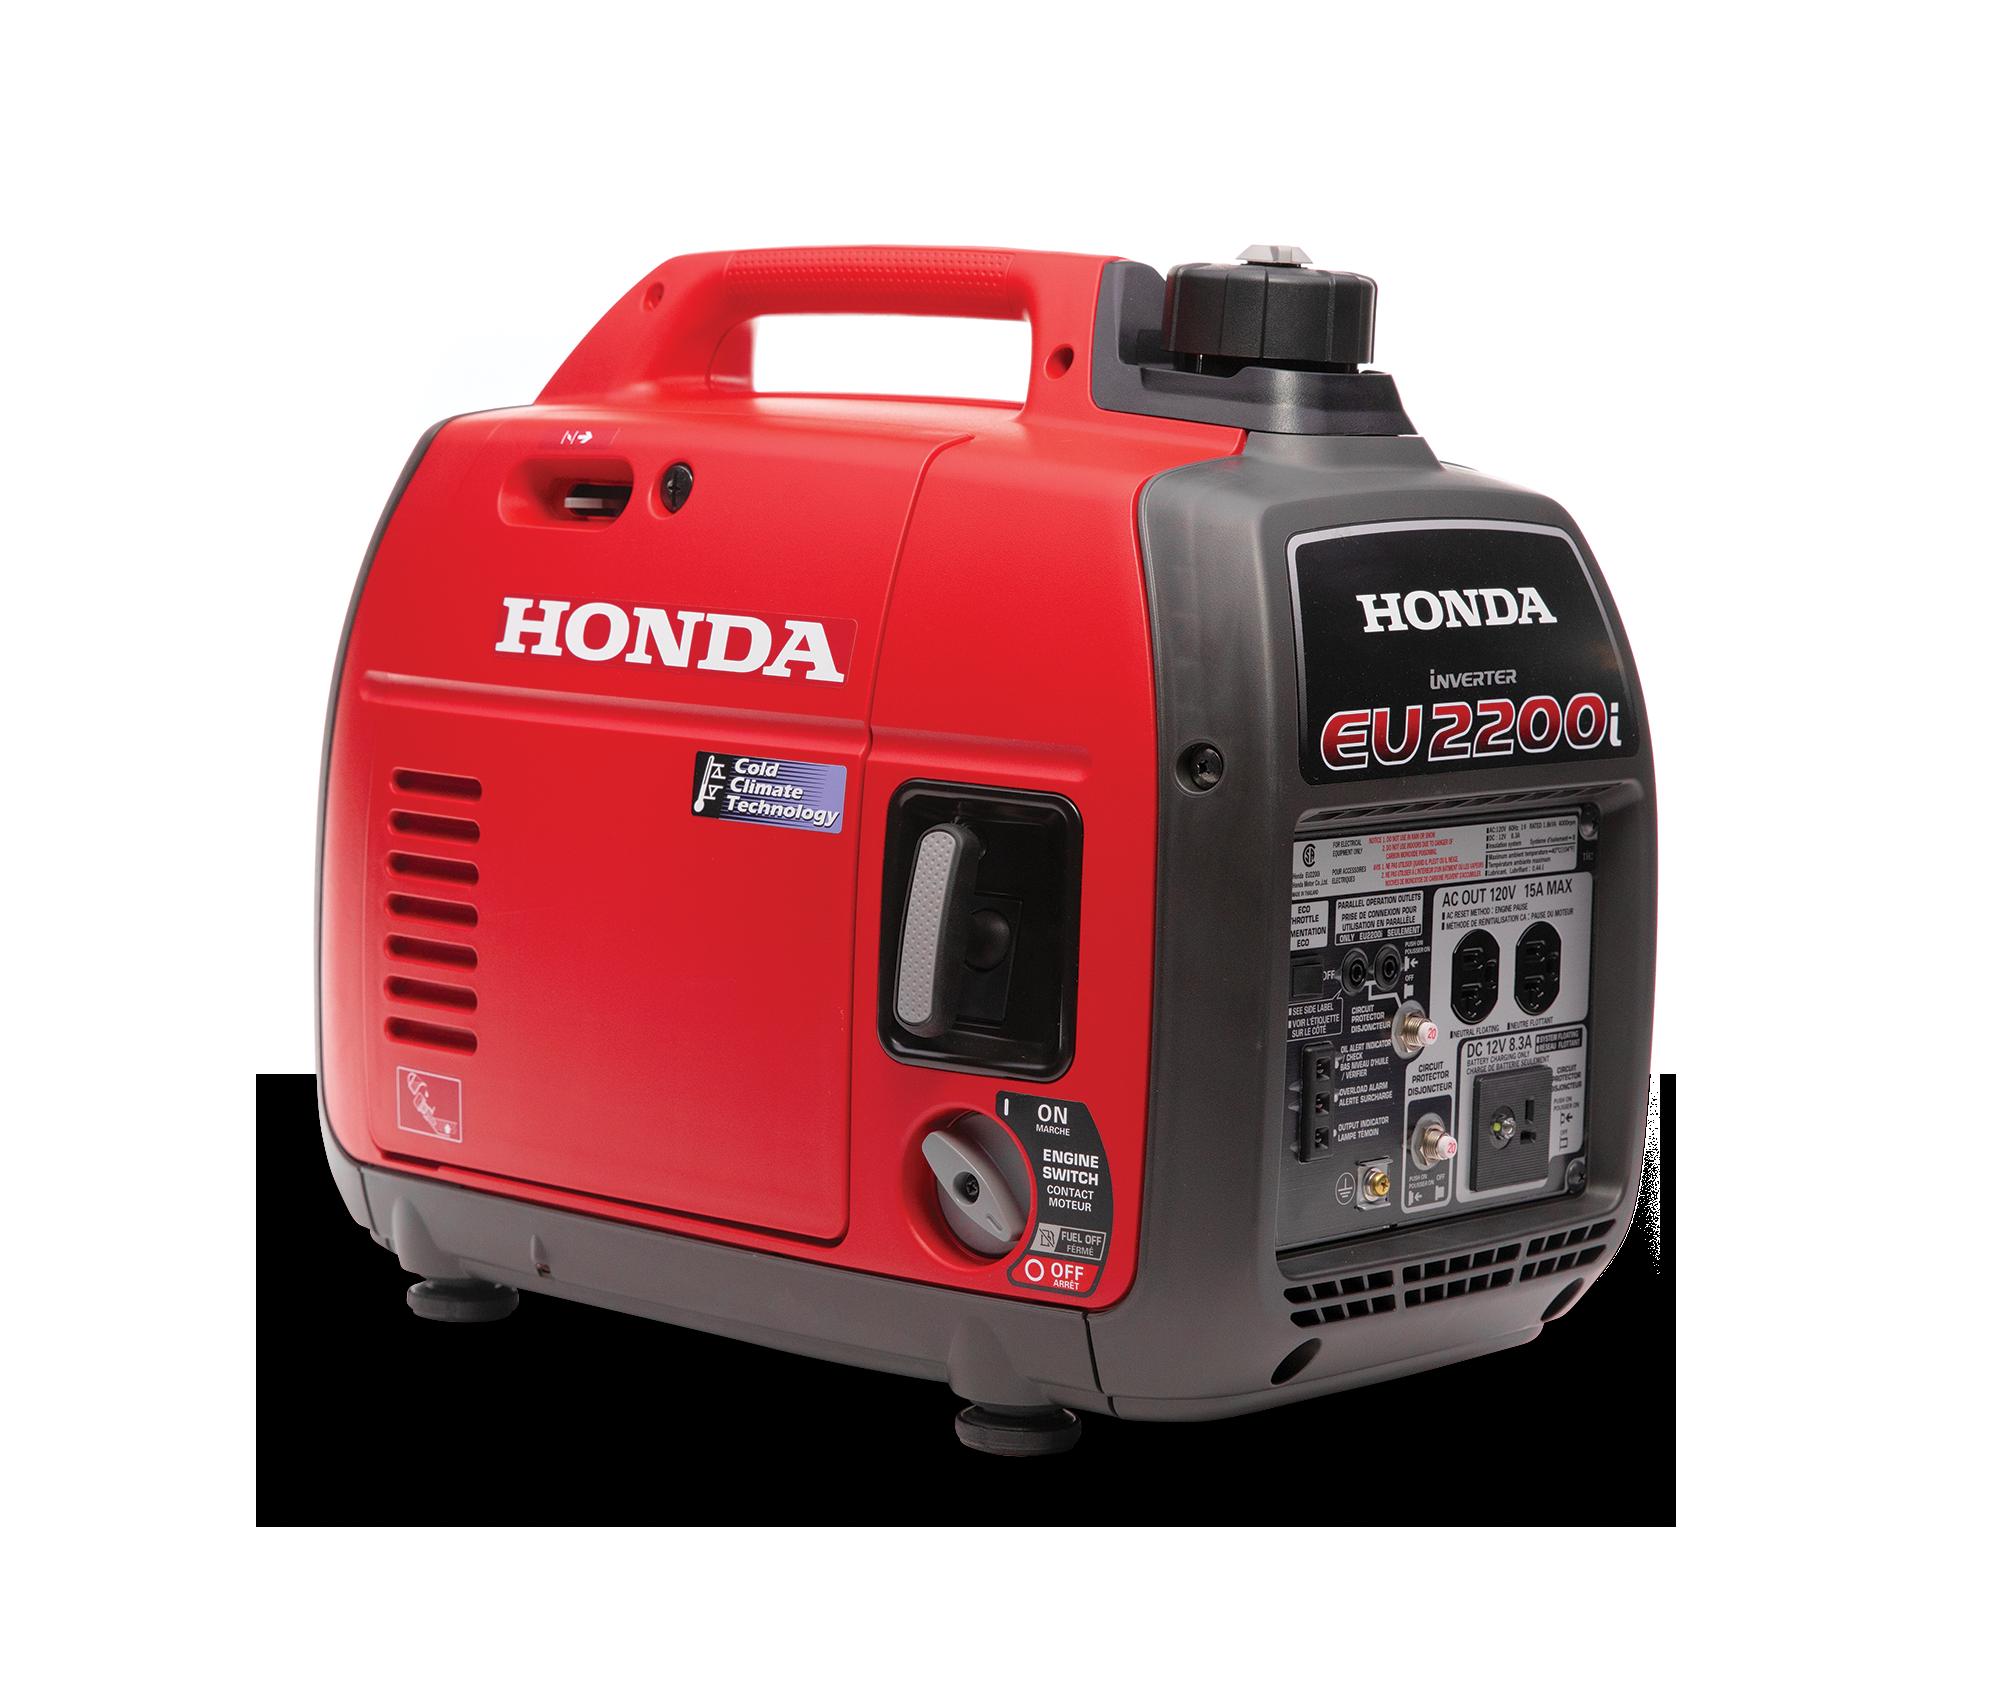 eu2200 honda generator